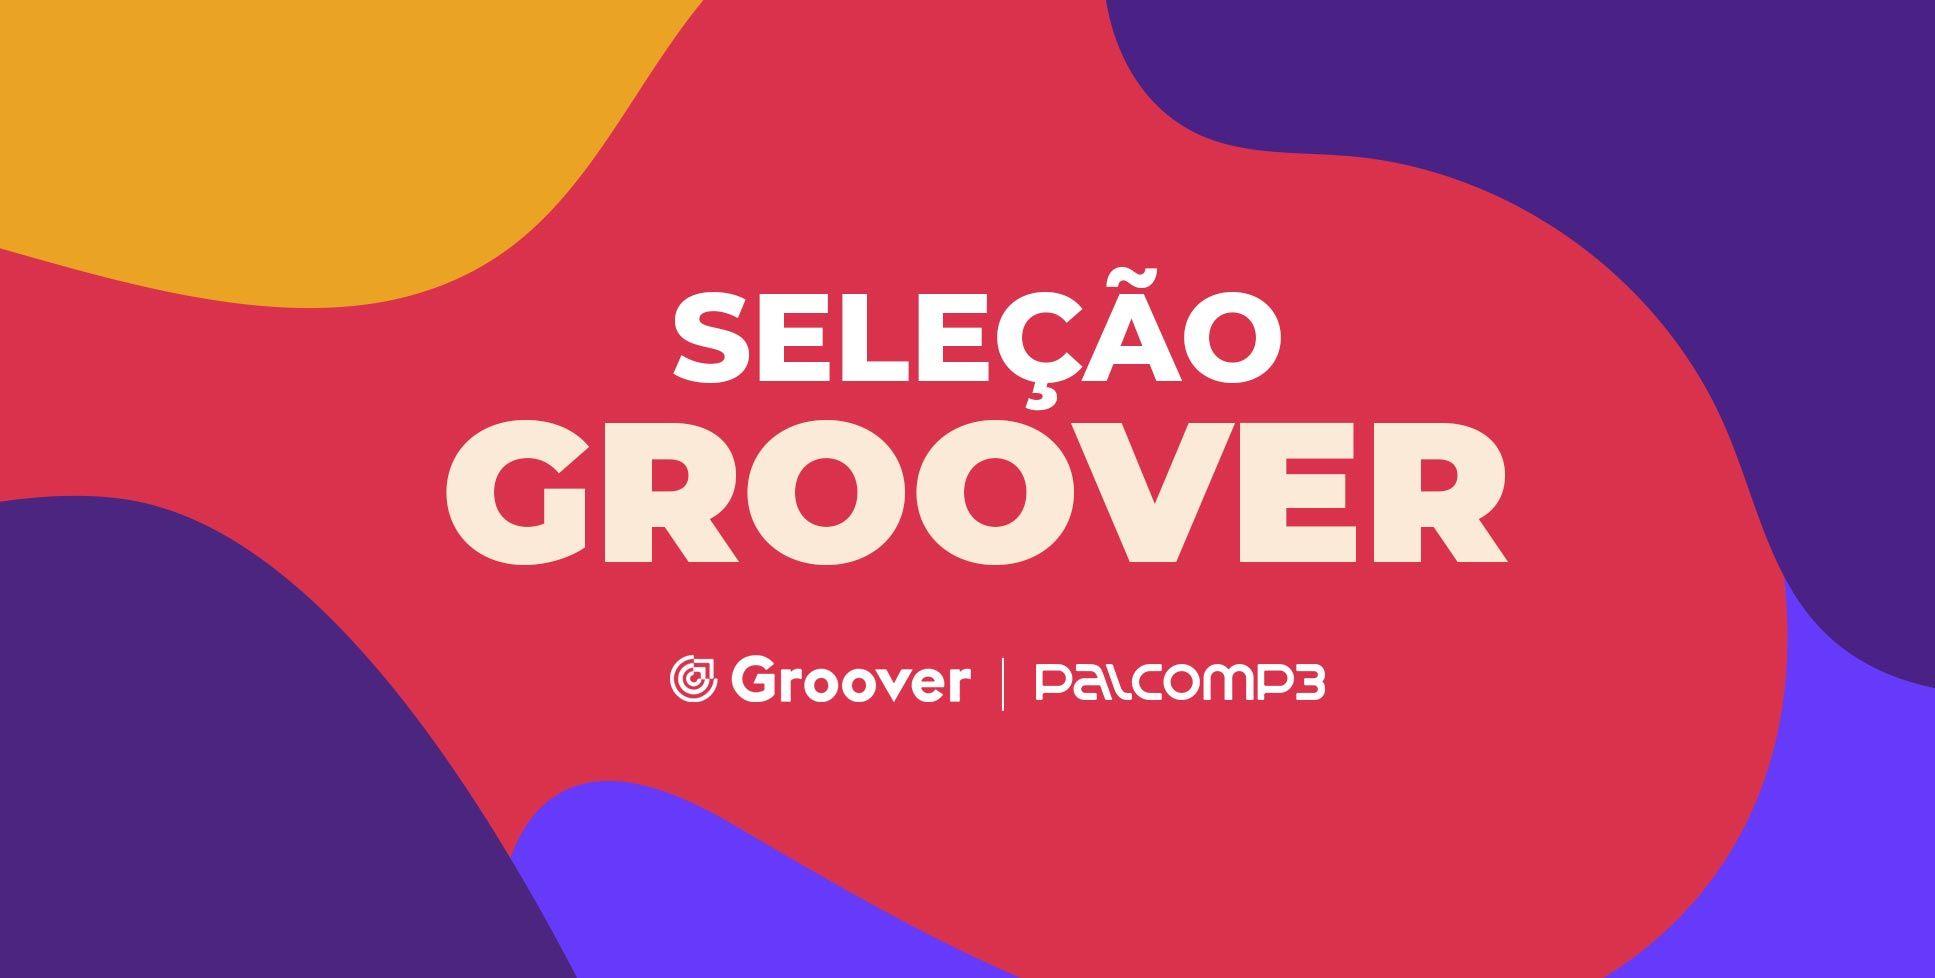 Palco MP3 e Groover: imagem da playlist Seleção Groover